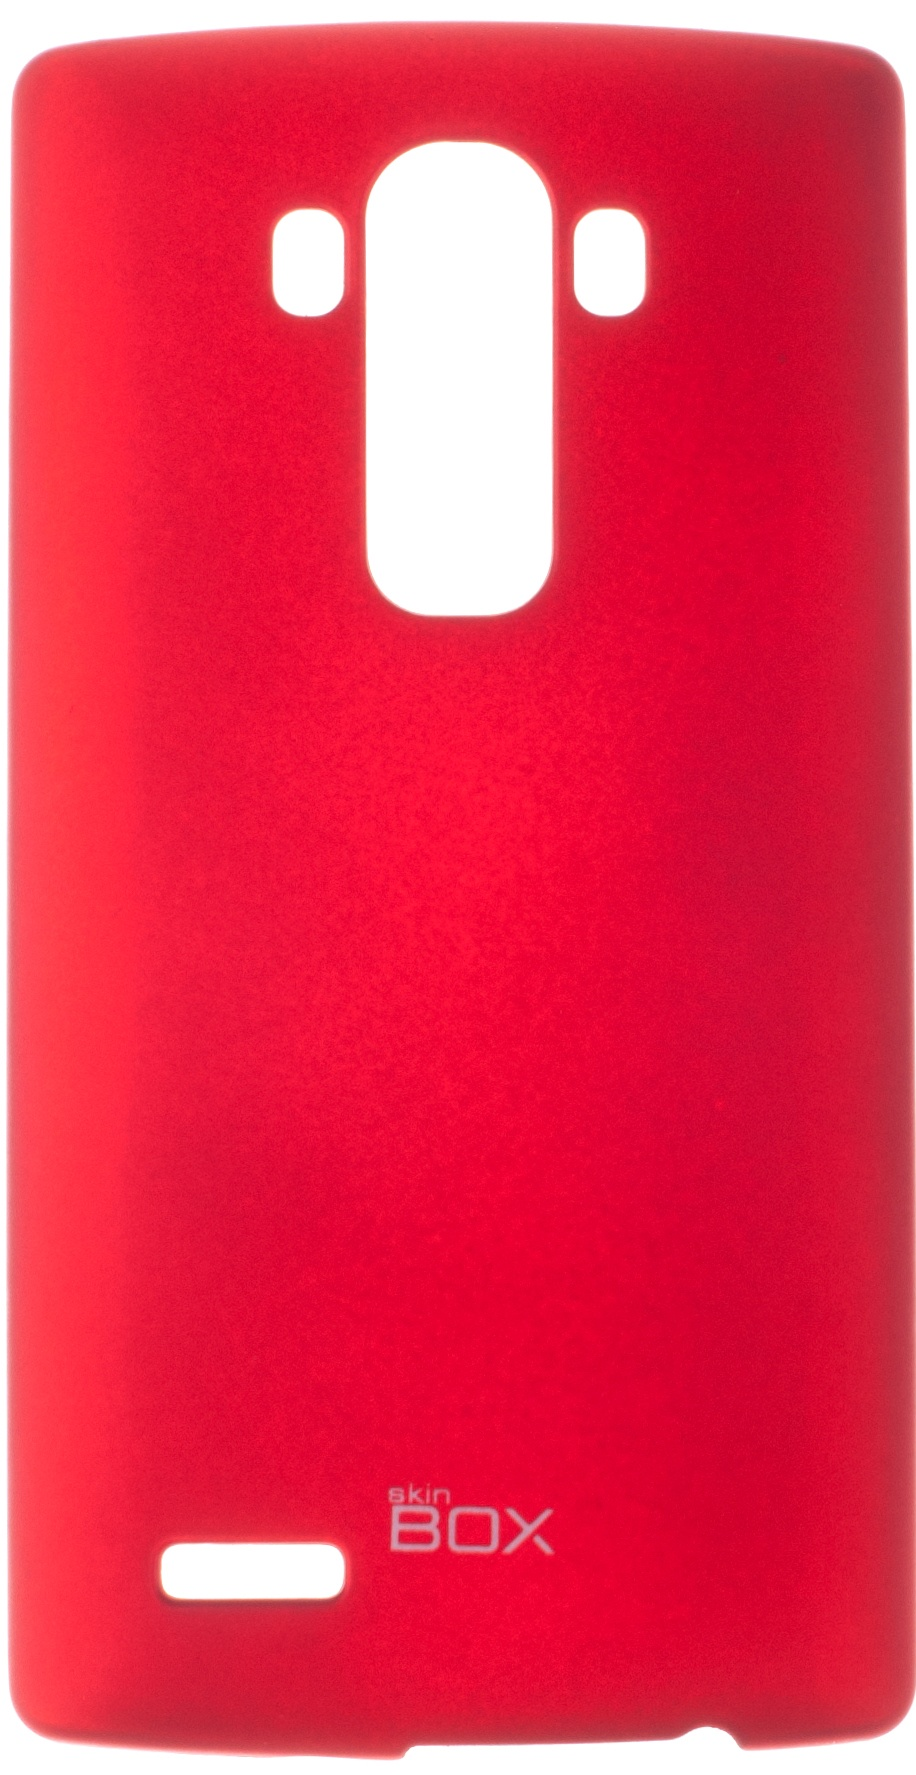 Накладка skinBOX для LG G4, 2000000076416, красный кейс для назначение lg l90 lg g2 lg g3 lg l70 lg k8 lg lg k5 lg k4 lg nexus 5x lg k10 lg k7 lg g5 lg g4 бумажник для карт кошелек защита